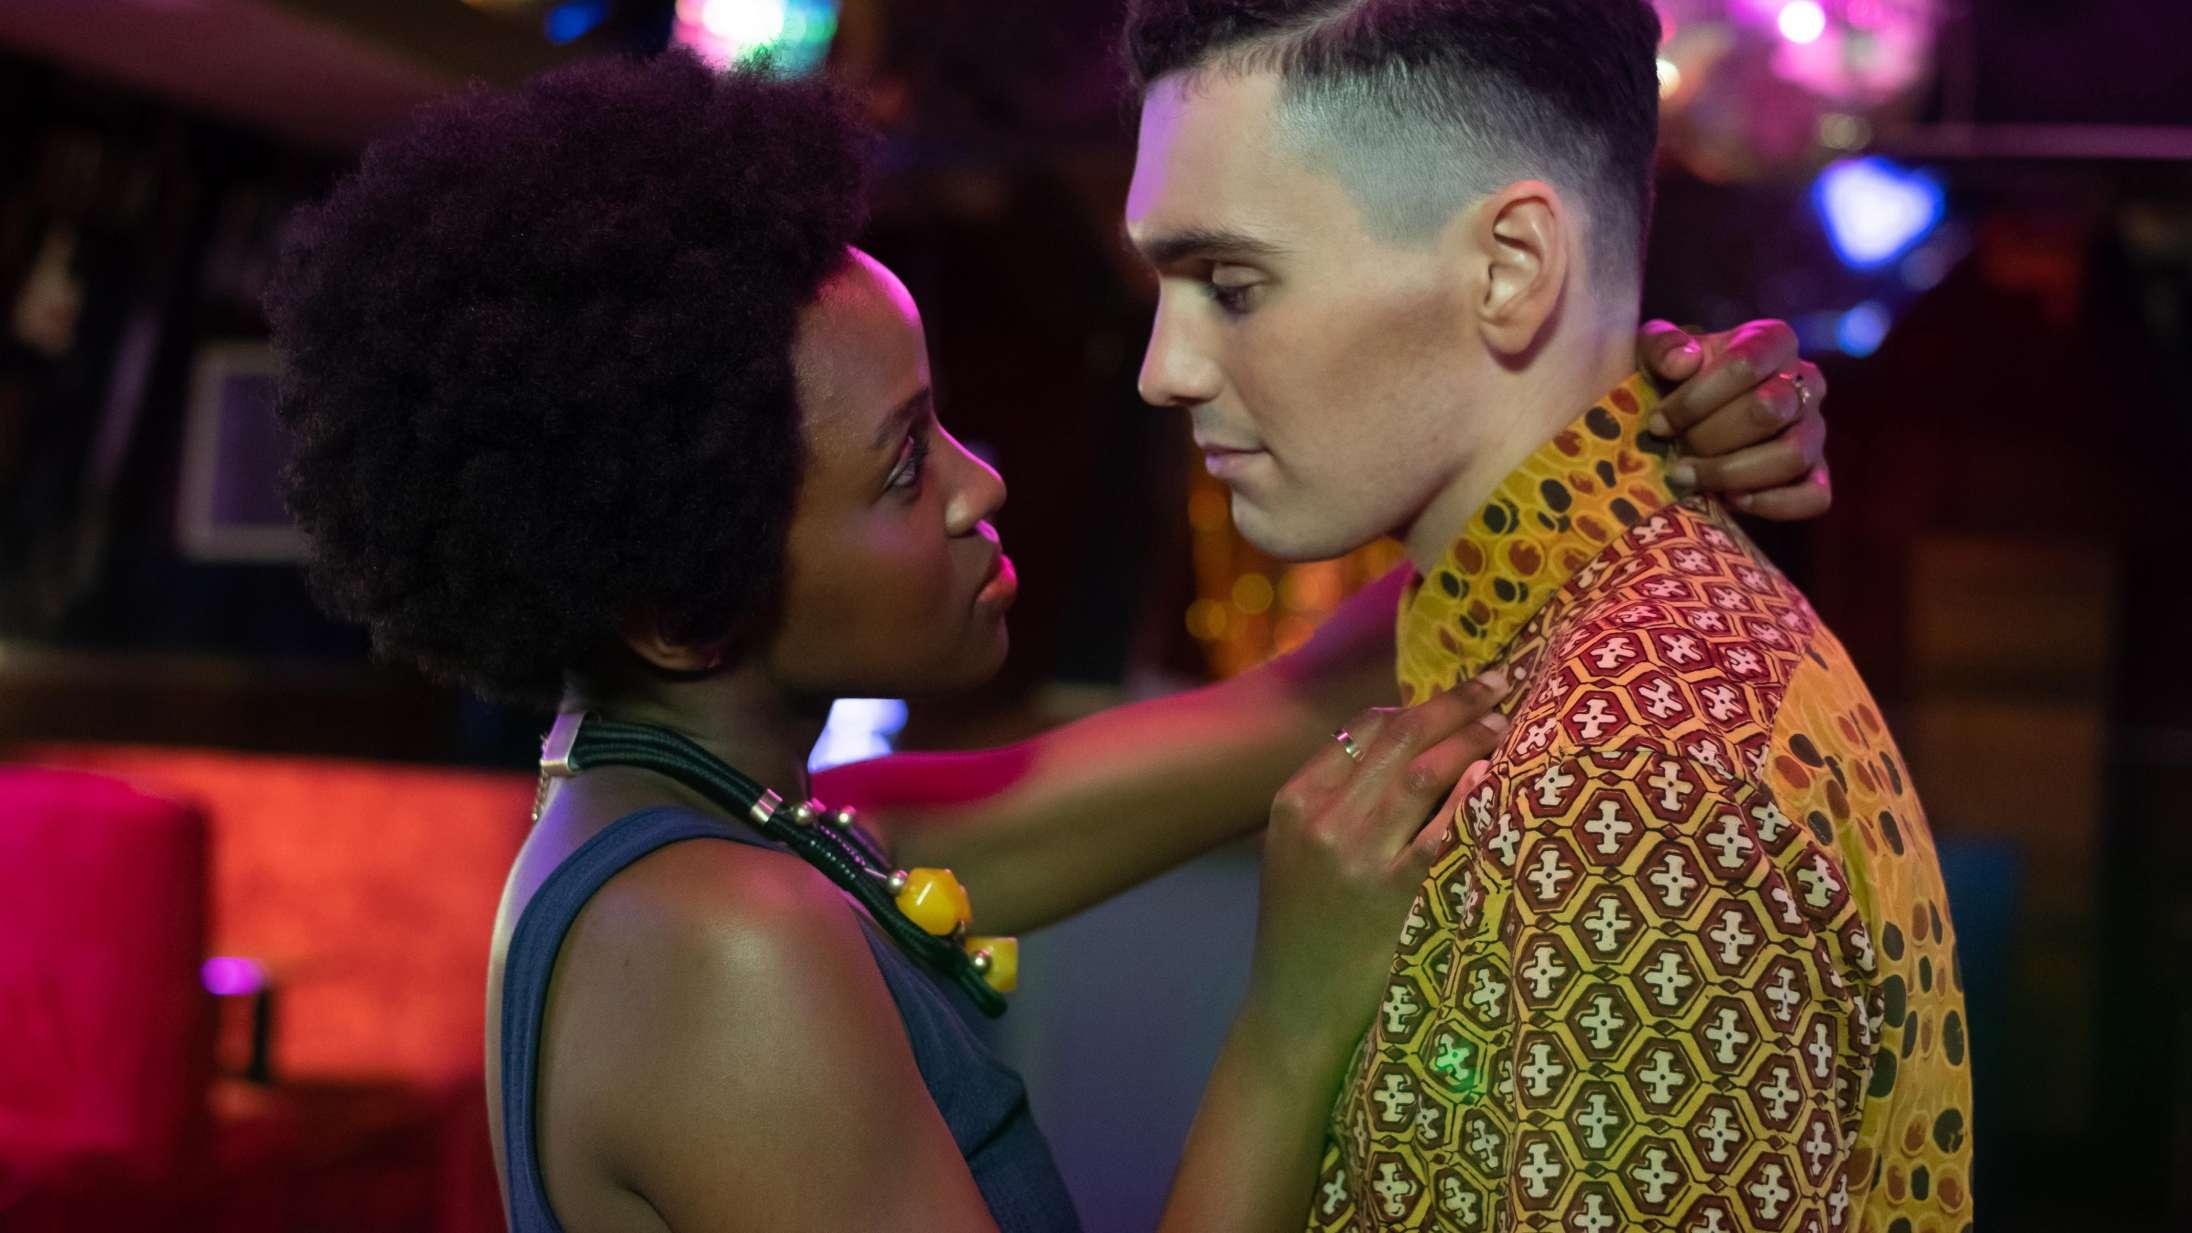 'Noughts + Crosses': Sorte undertrykker hvide i tankevækkende HBO Nordic-aktuel serie